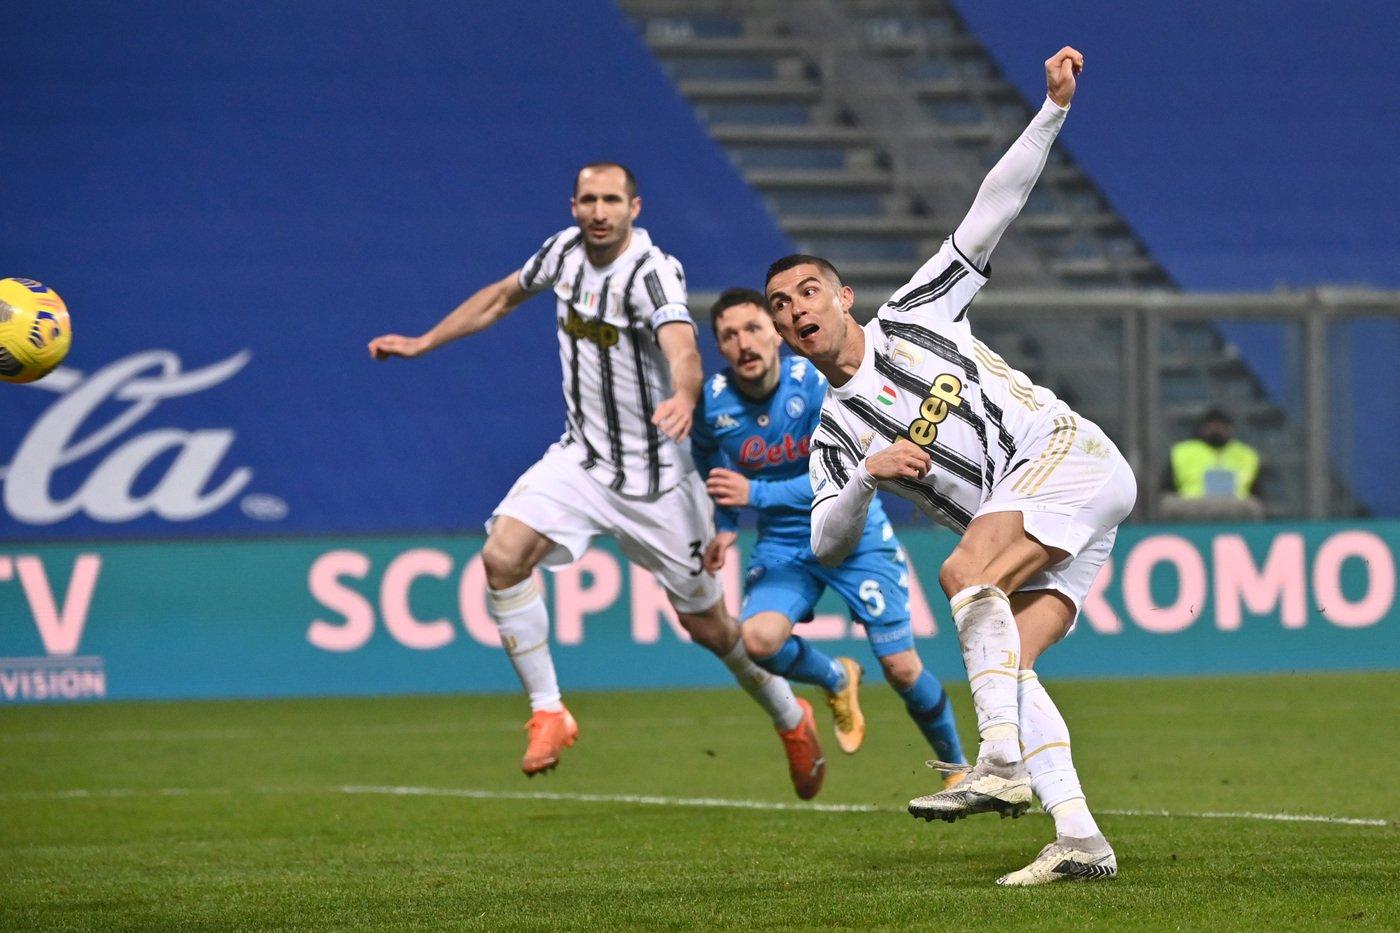 Supercoppa italiana, Juventus-Napoli 2-0: a segno Ronaldo e Morata. Insigne  fallisce il rigore del pareggio - Lazionews.eu